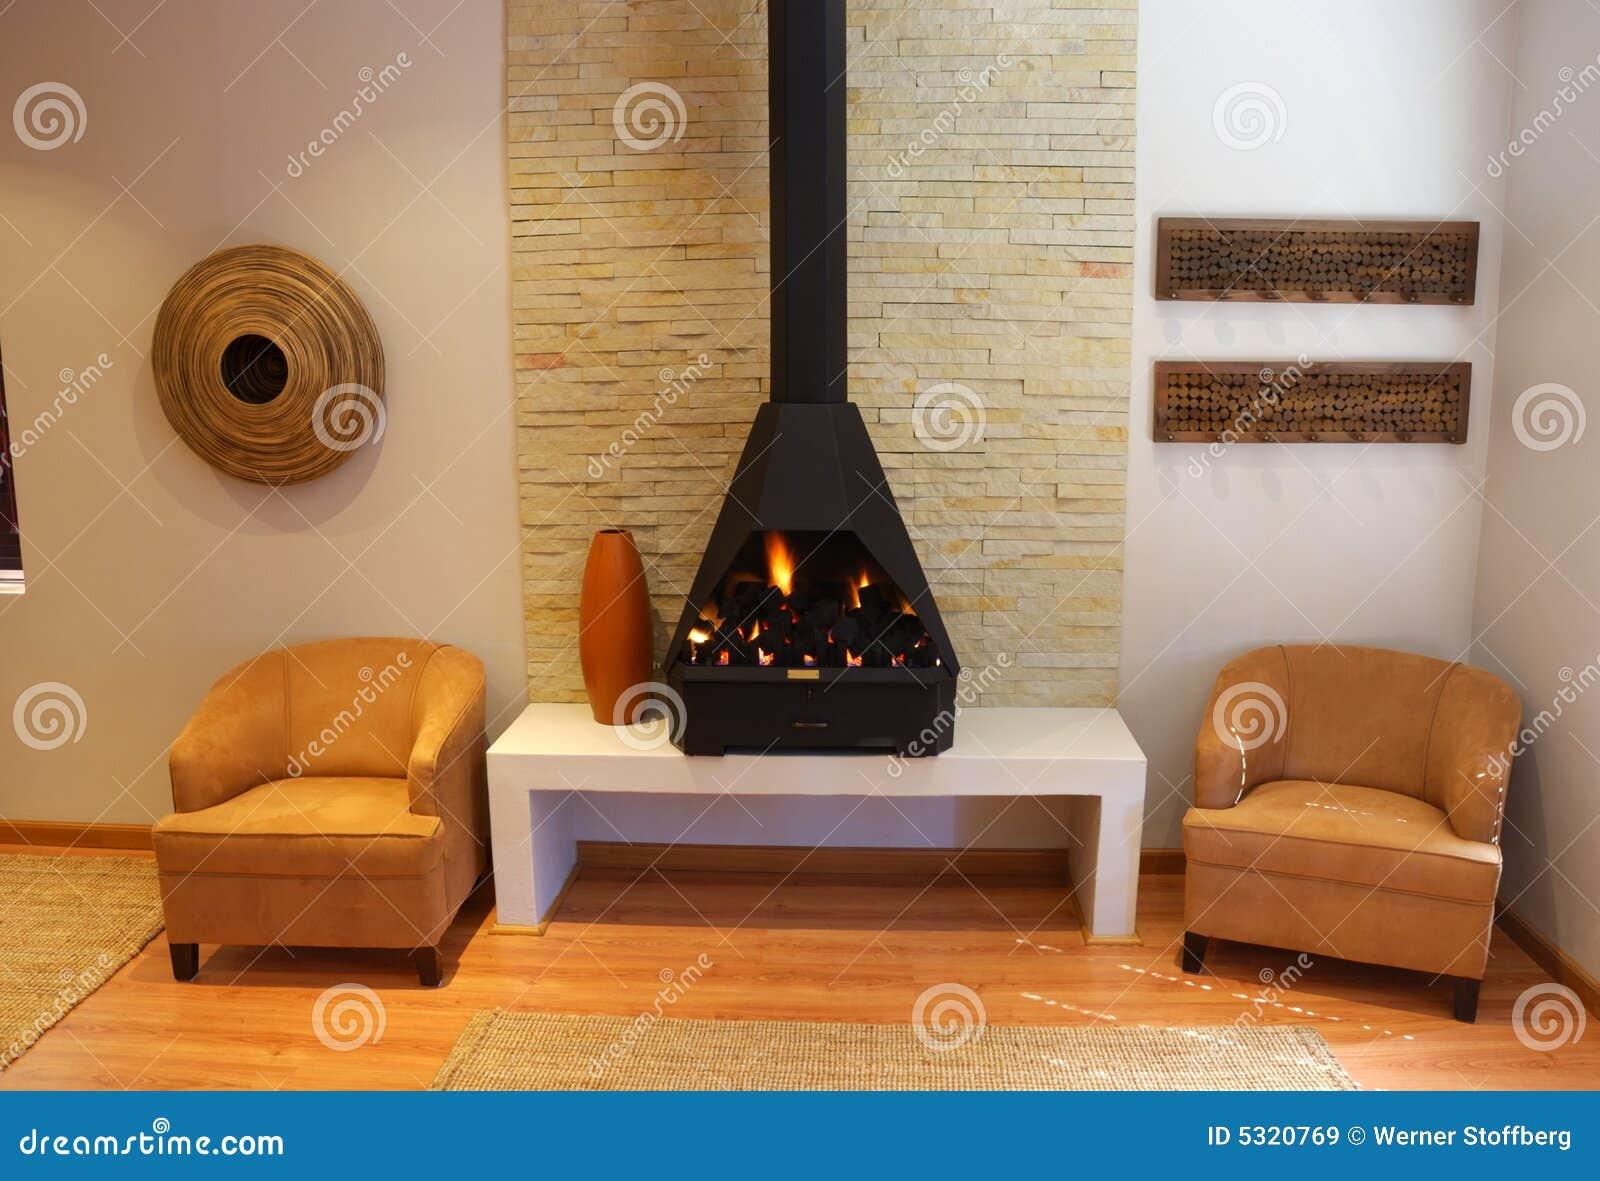 Wohnzimmer Mit Kamin Lizenzfreie Stockbilder